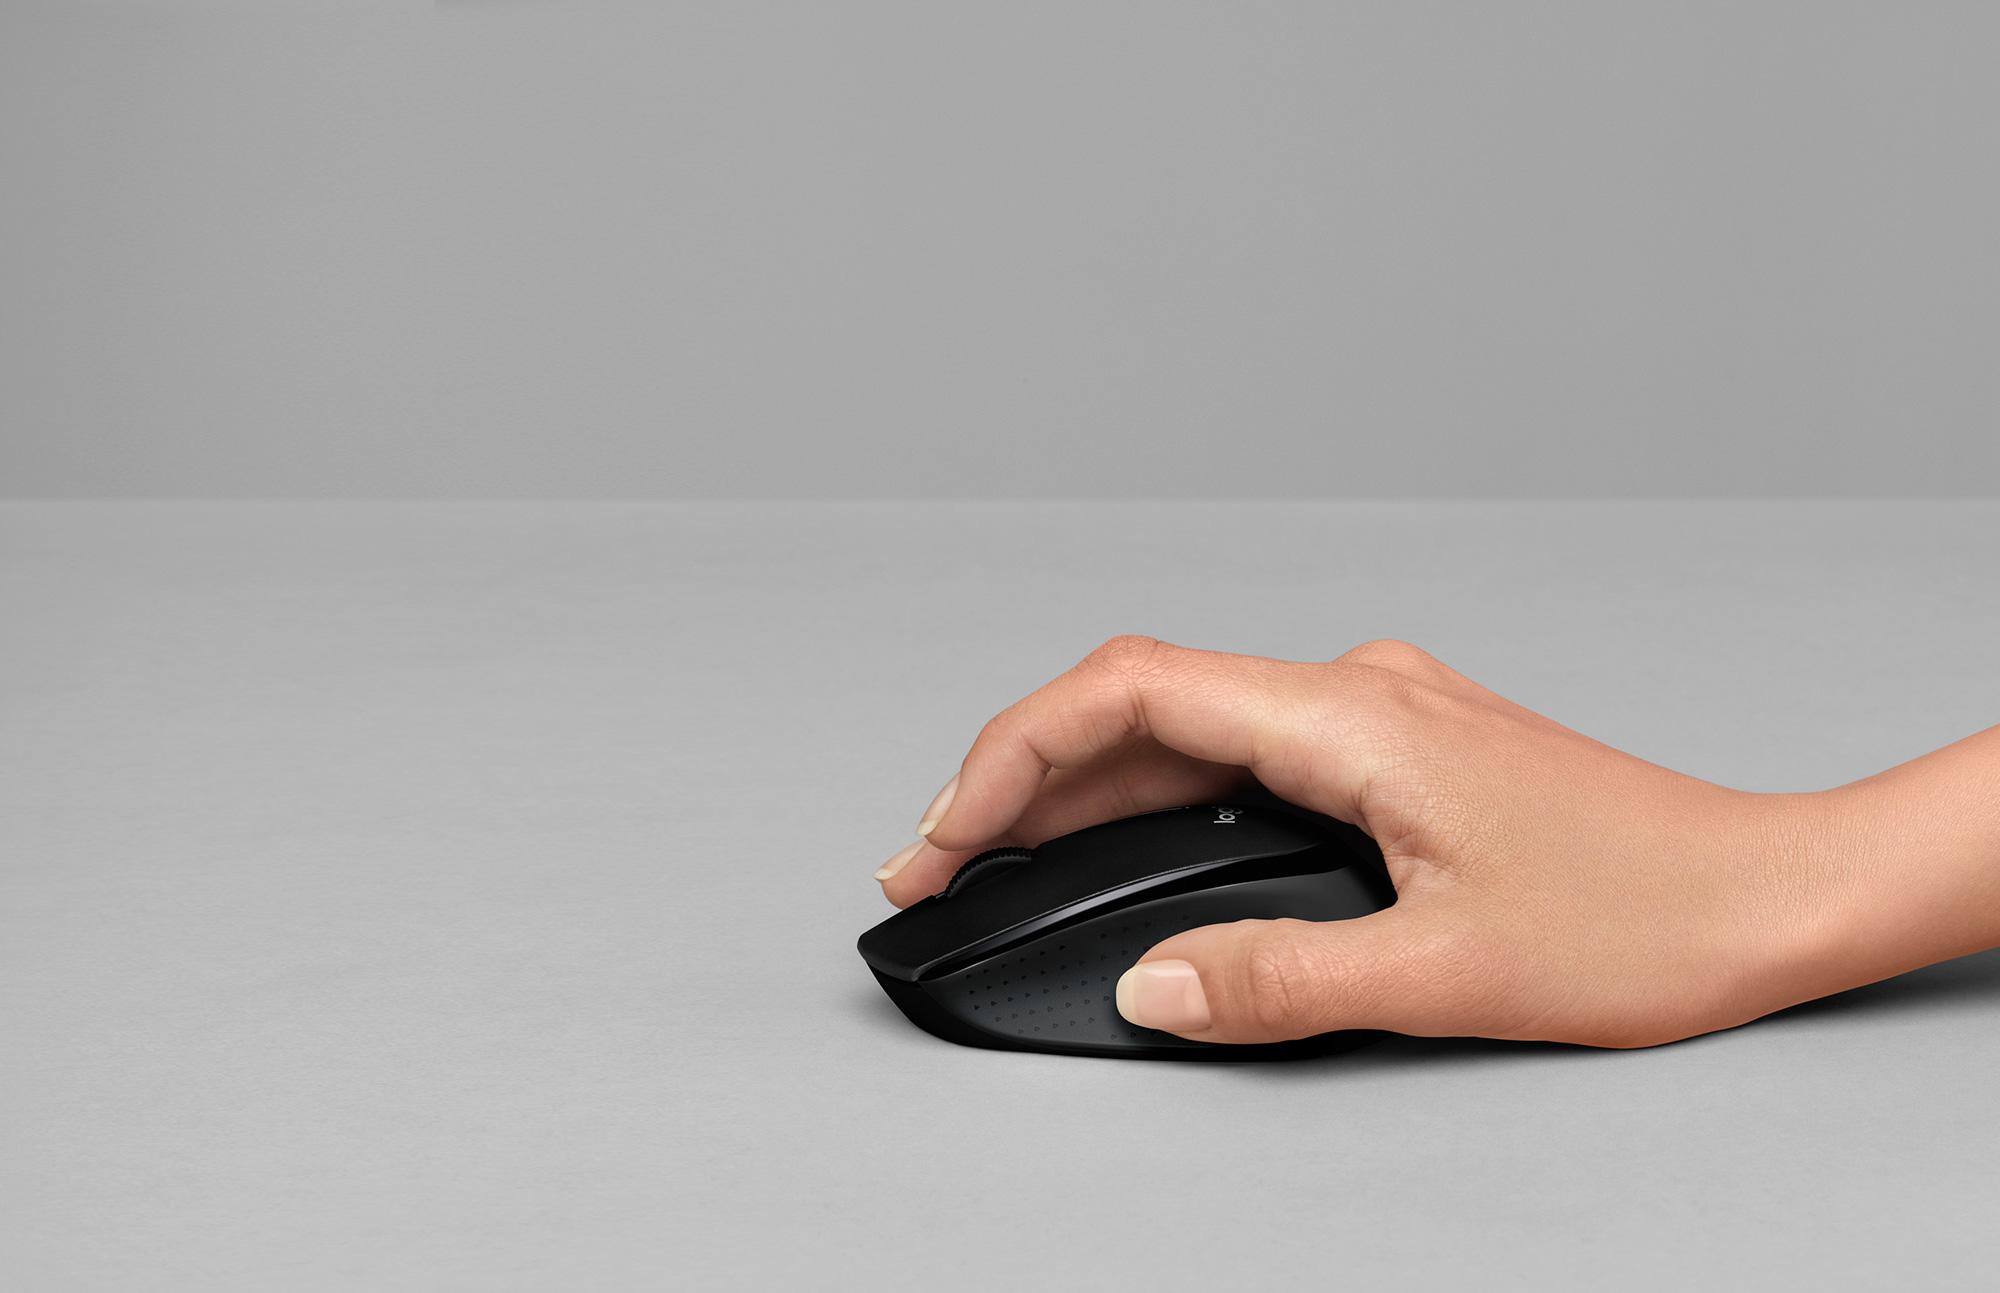 4d130736b58 Logitech B330 Silent Plus Mouse for Quiet Work Productivity